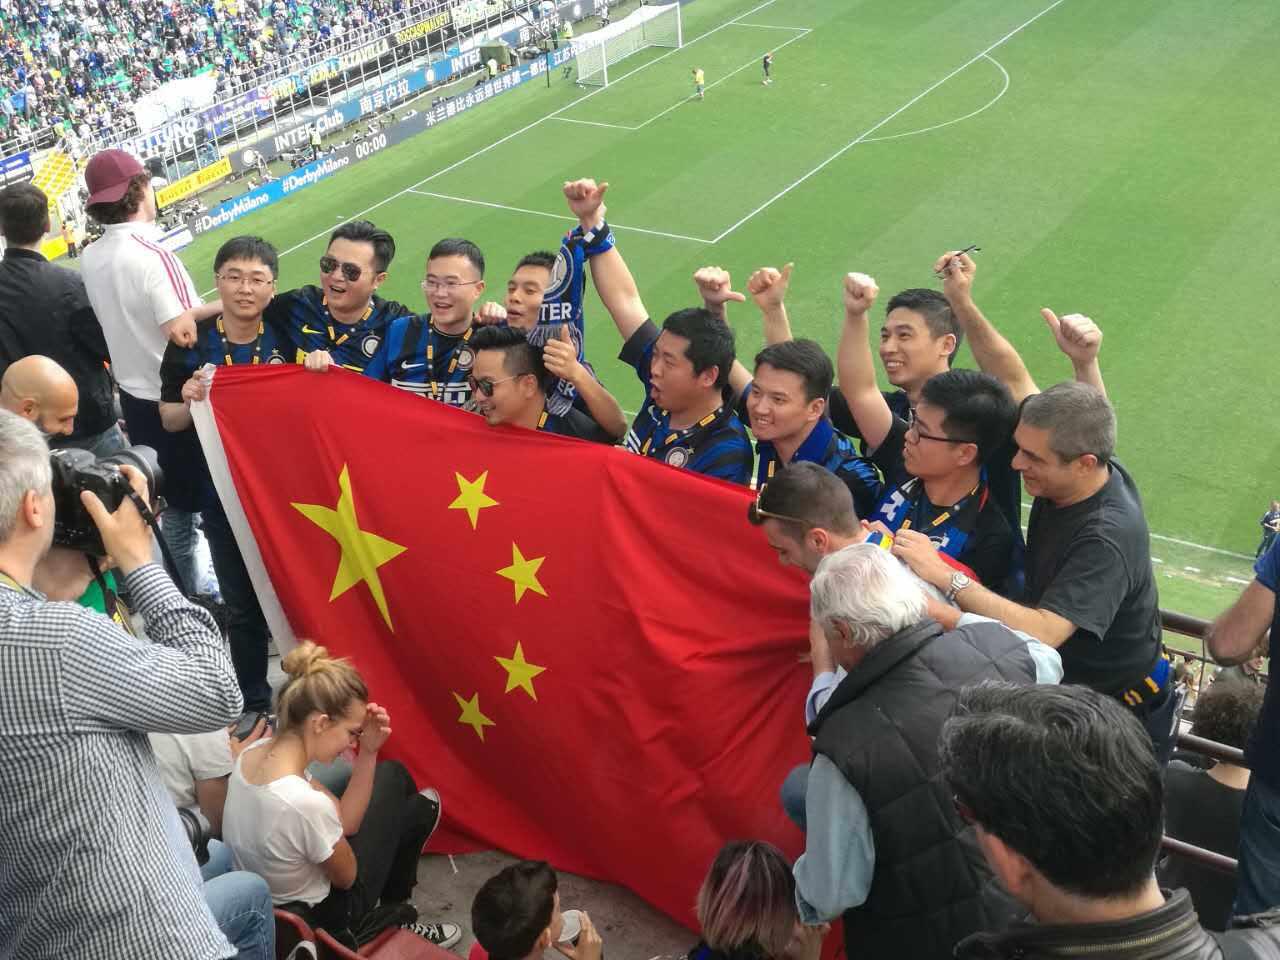 直击-日本女记者簇拥:米兰属于中国 会卖本田吗?